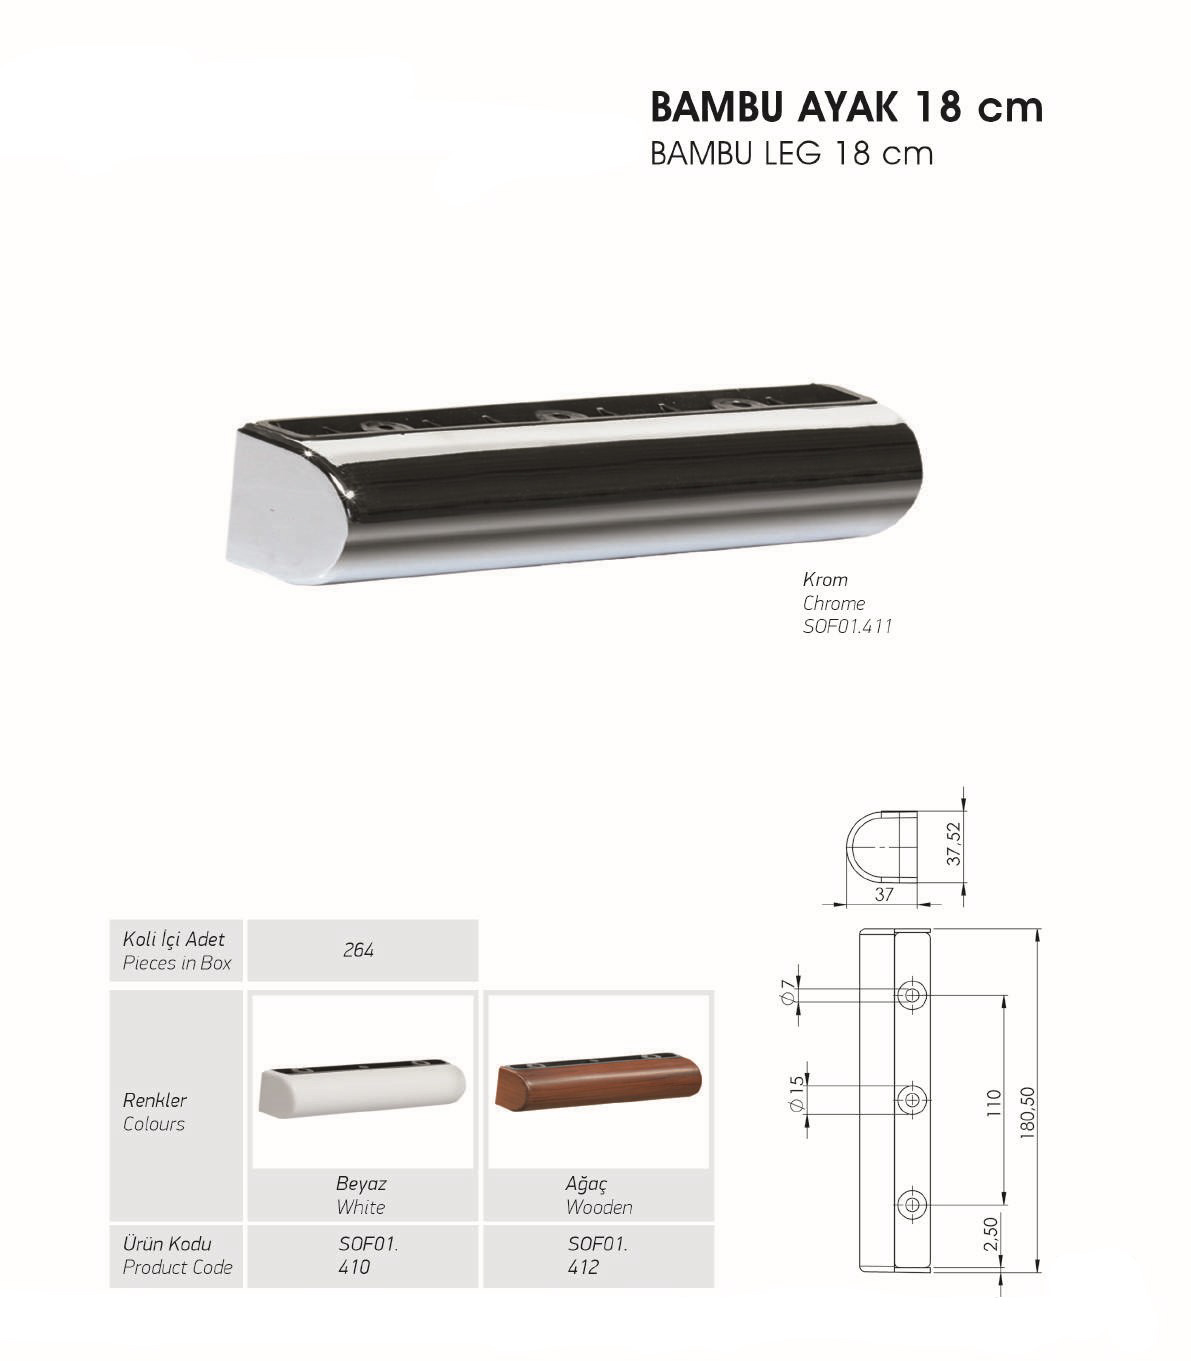 Bambu Ayak 18 cm